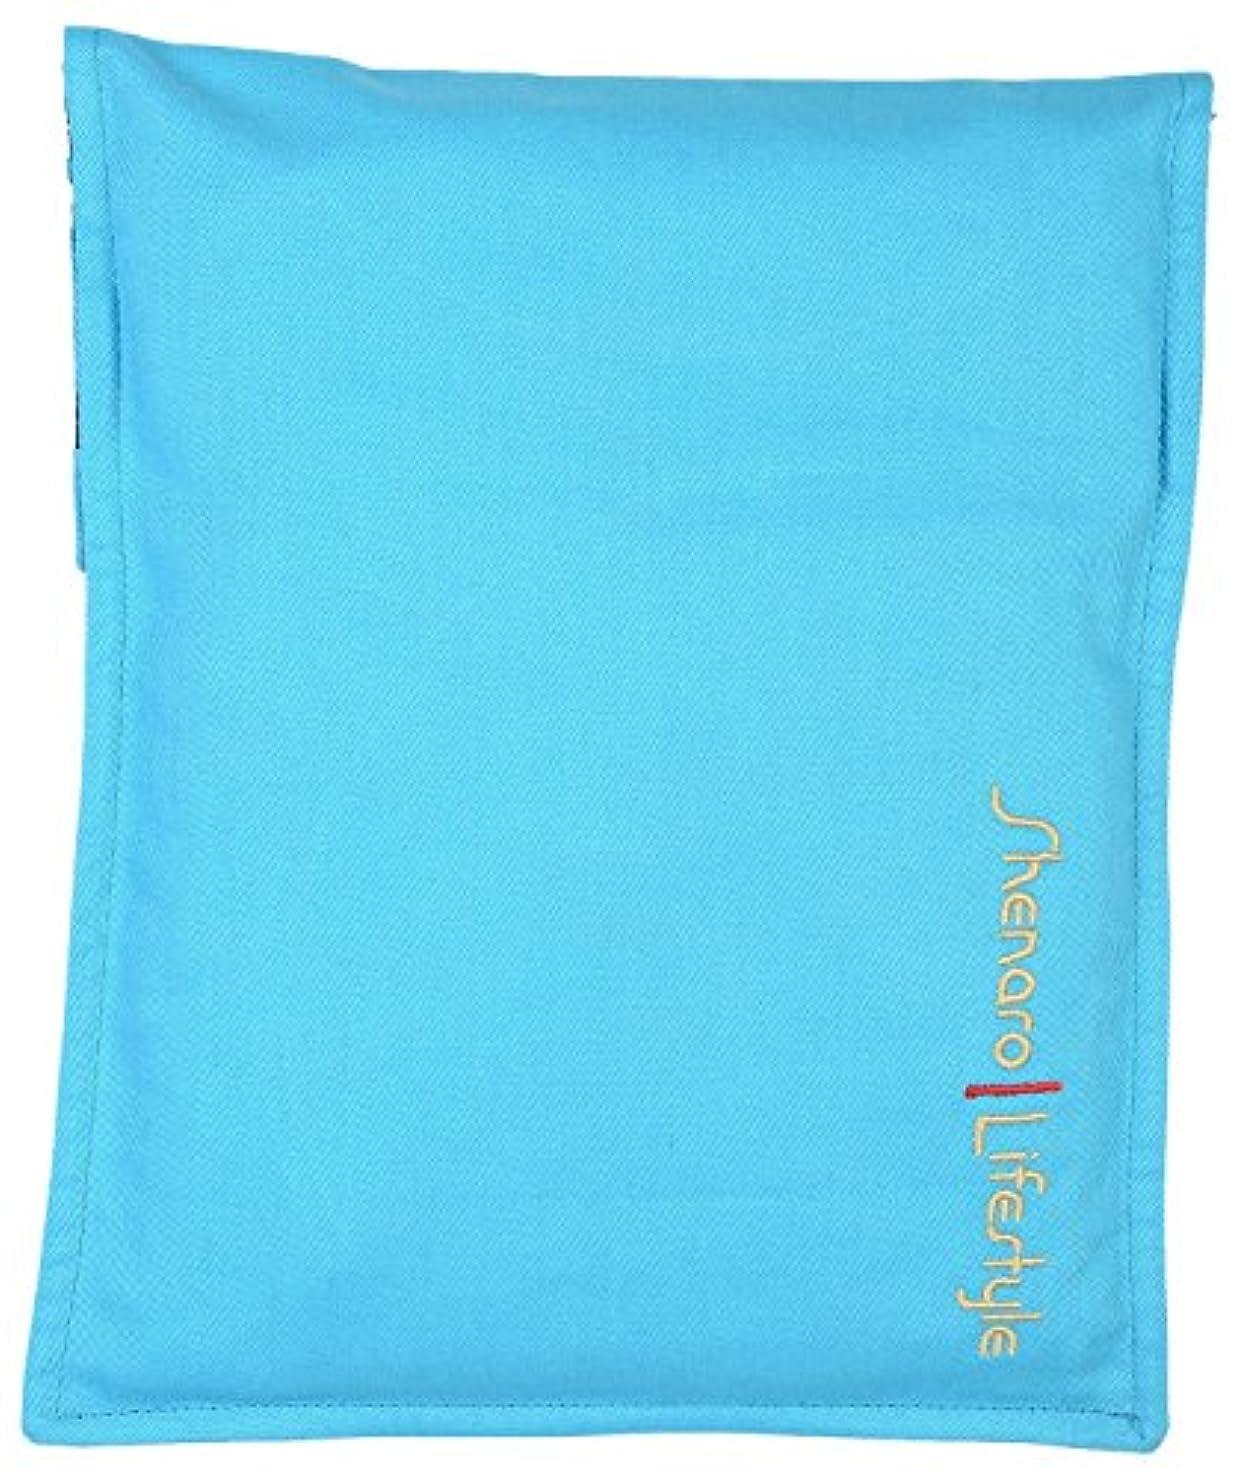 好奇心盛応答市場Shenaro Lifestyle's: Cotton Organic and Eco-Friendly Pain Relief Wheat Bag with Treated Whole Grains and Aroma...